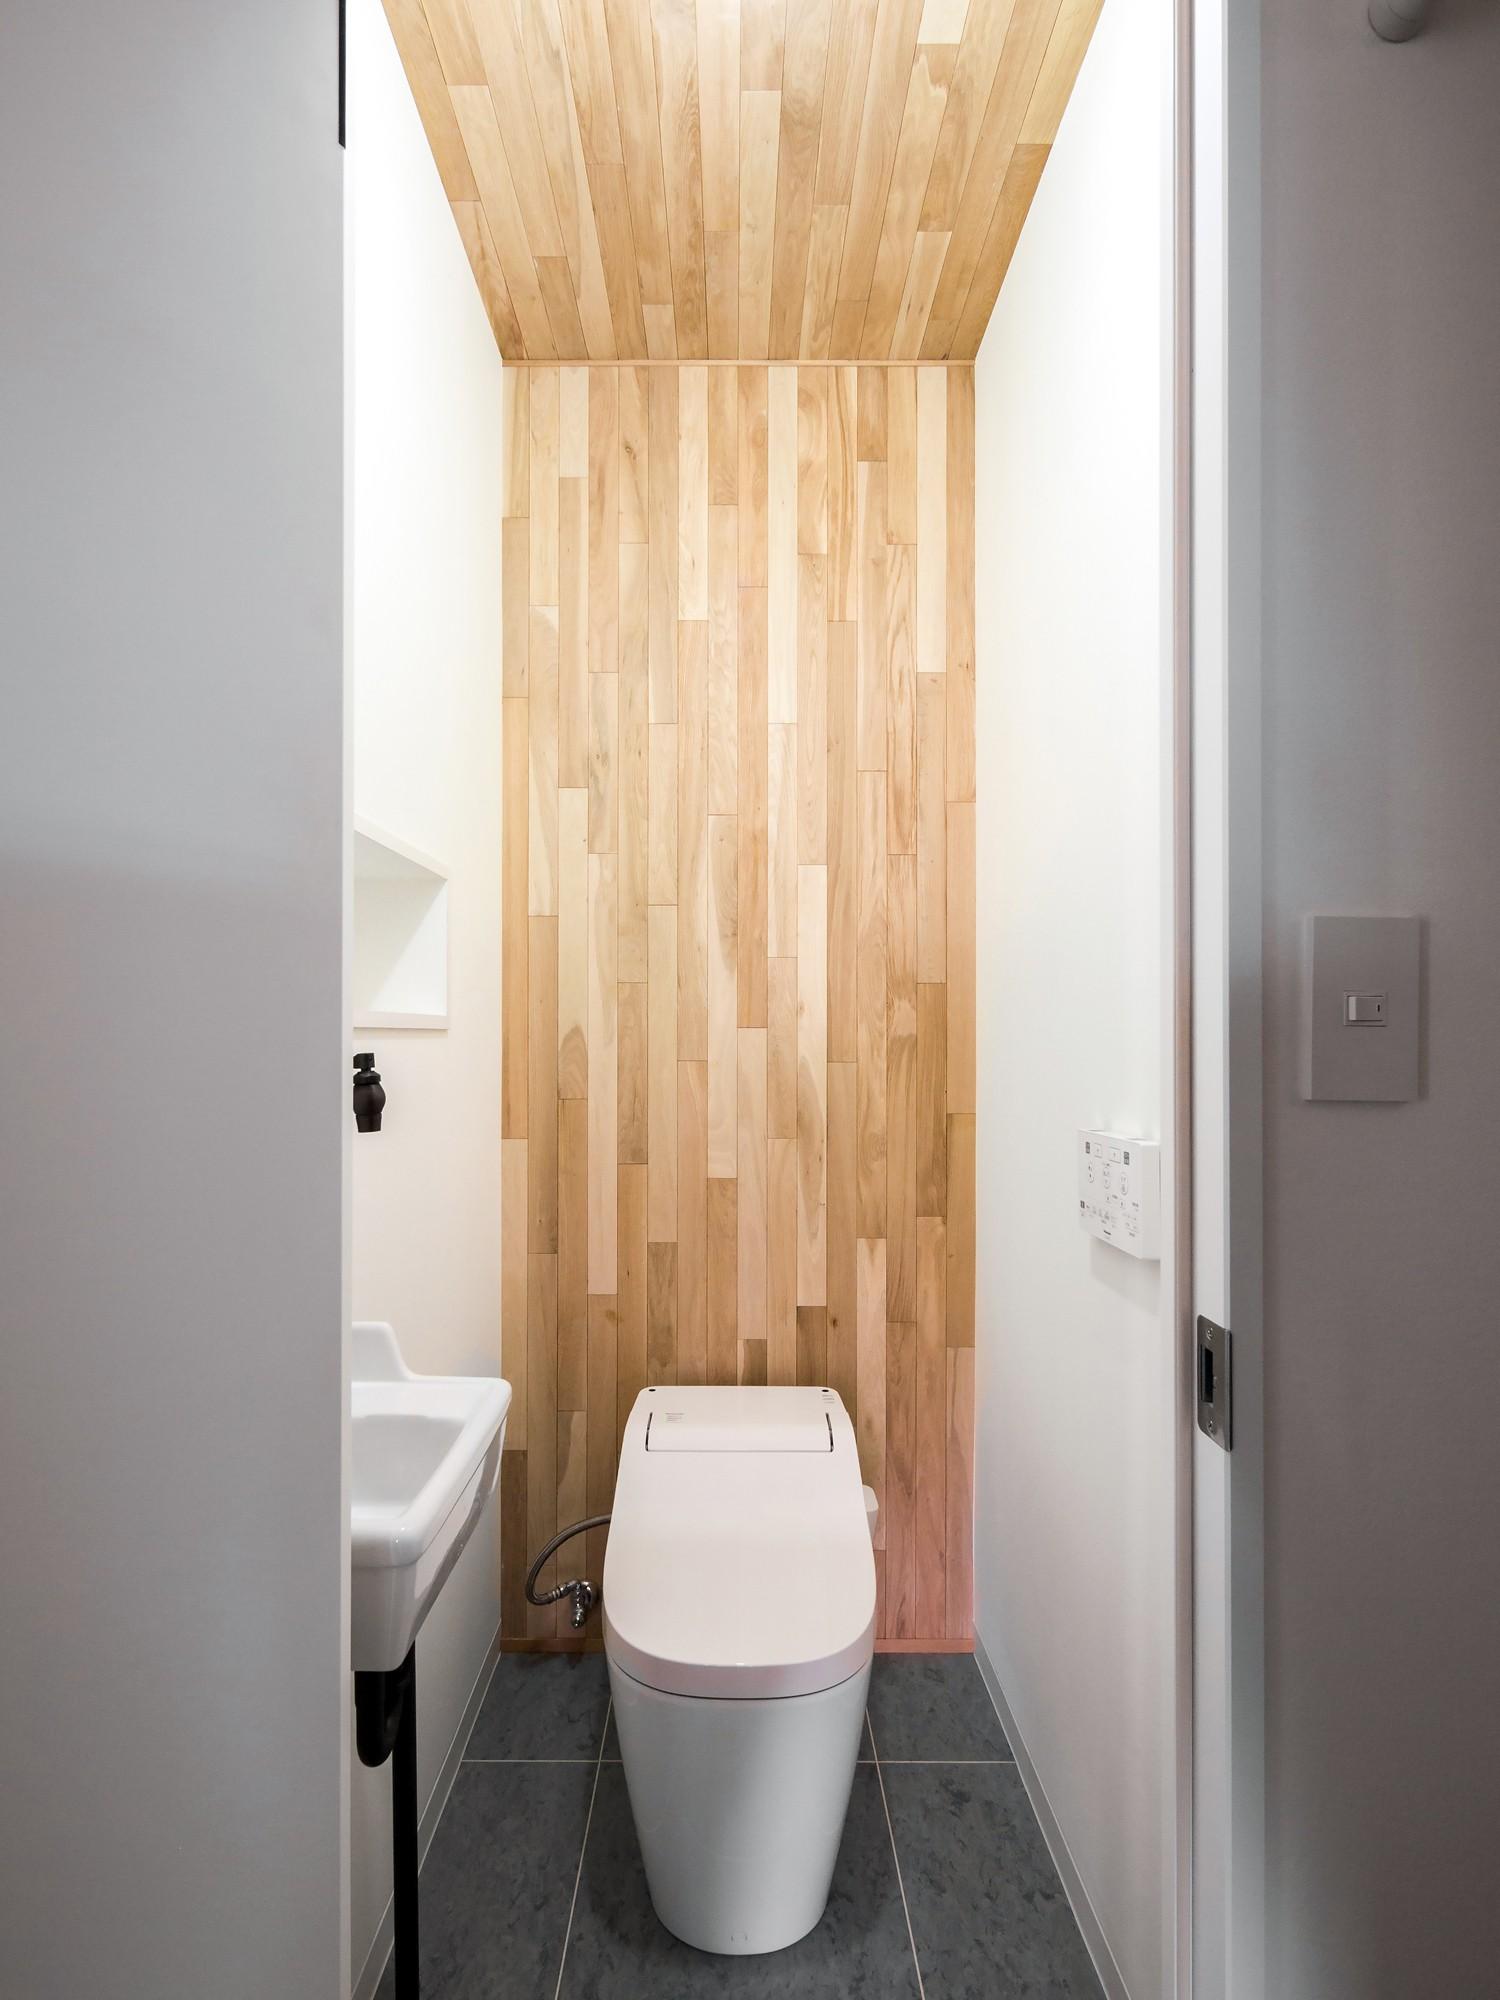 バス/トイレ事例:木をアクセントにしたトイレ空間(素因数の家 すくすくリノベーションvol.11)